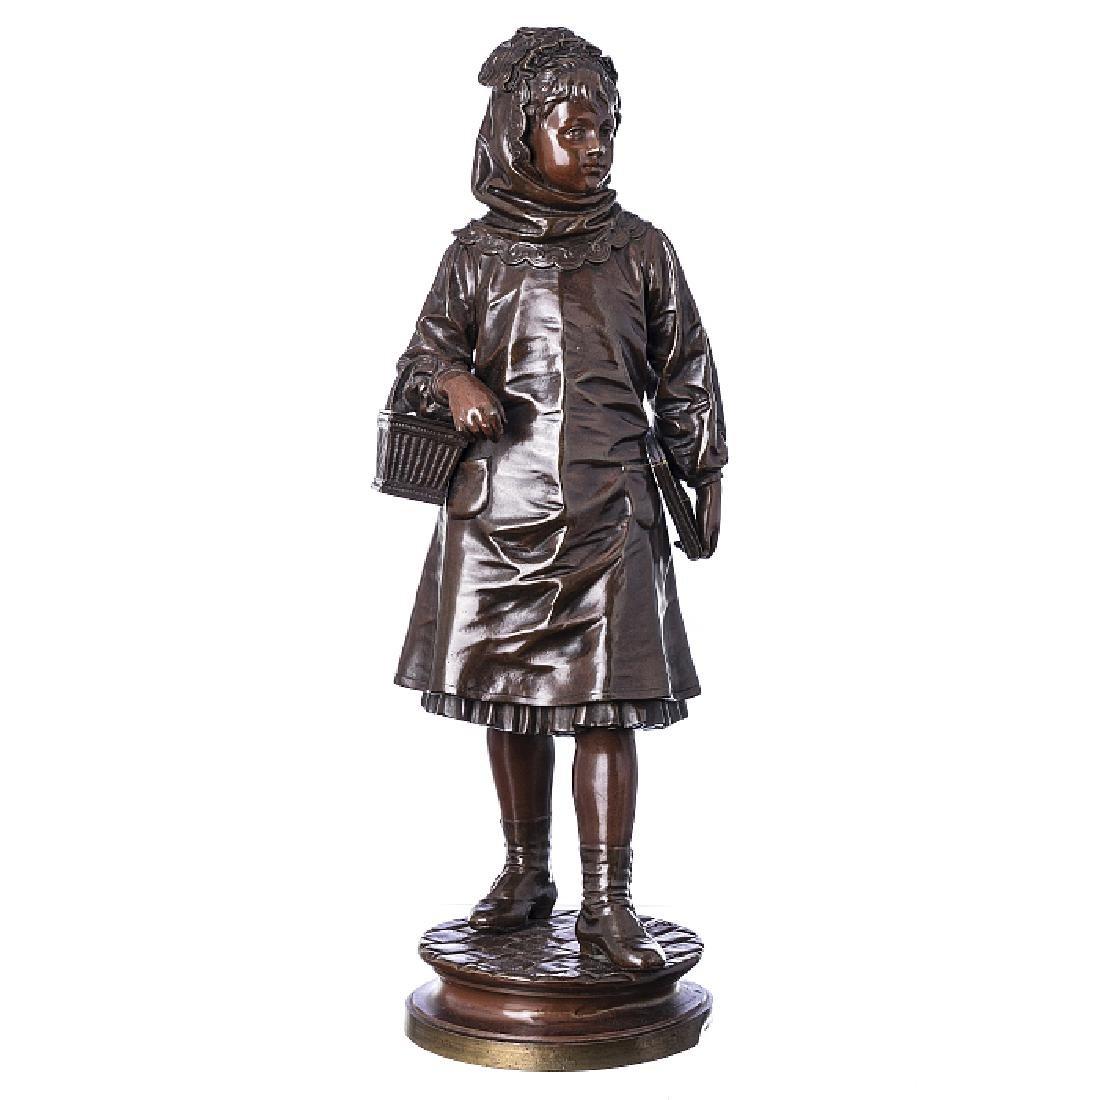 EUTROPE BOURET (1833-1906) - Feminine figure